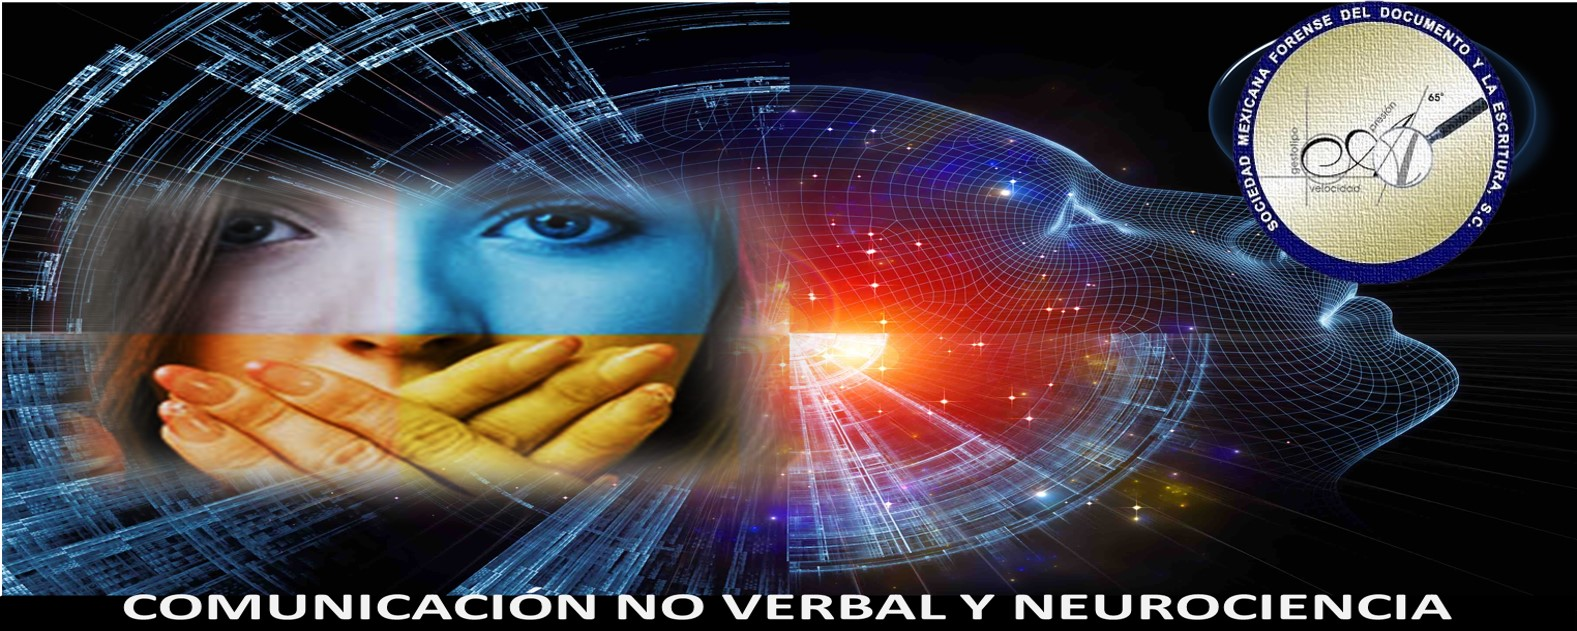 NEUROCIENCIA Y LA COMUNICACIÓN NO VERBAL